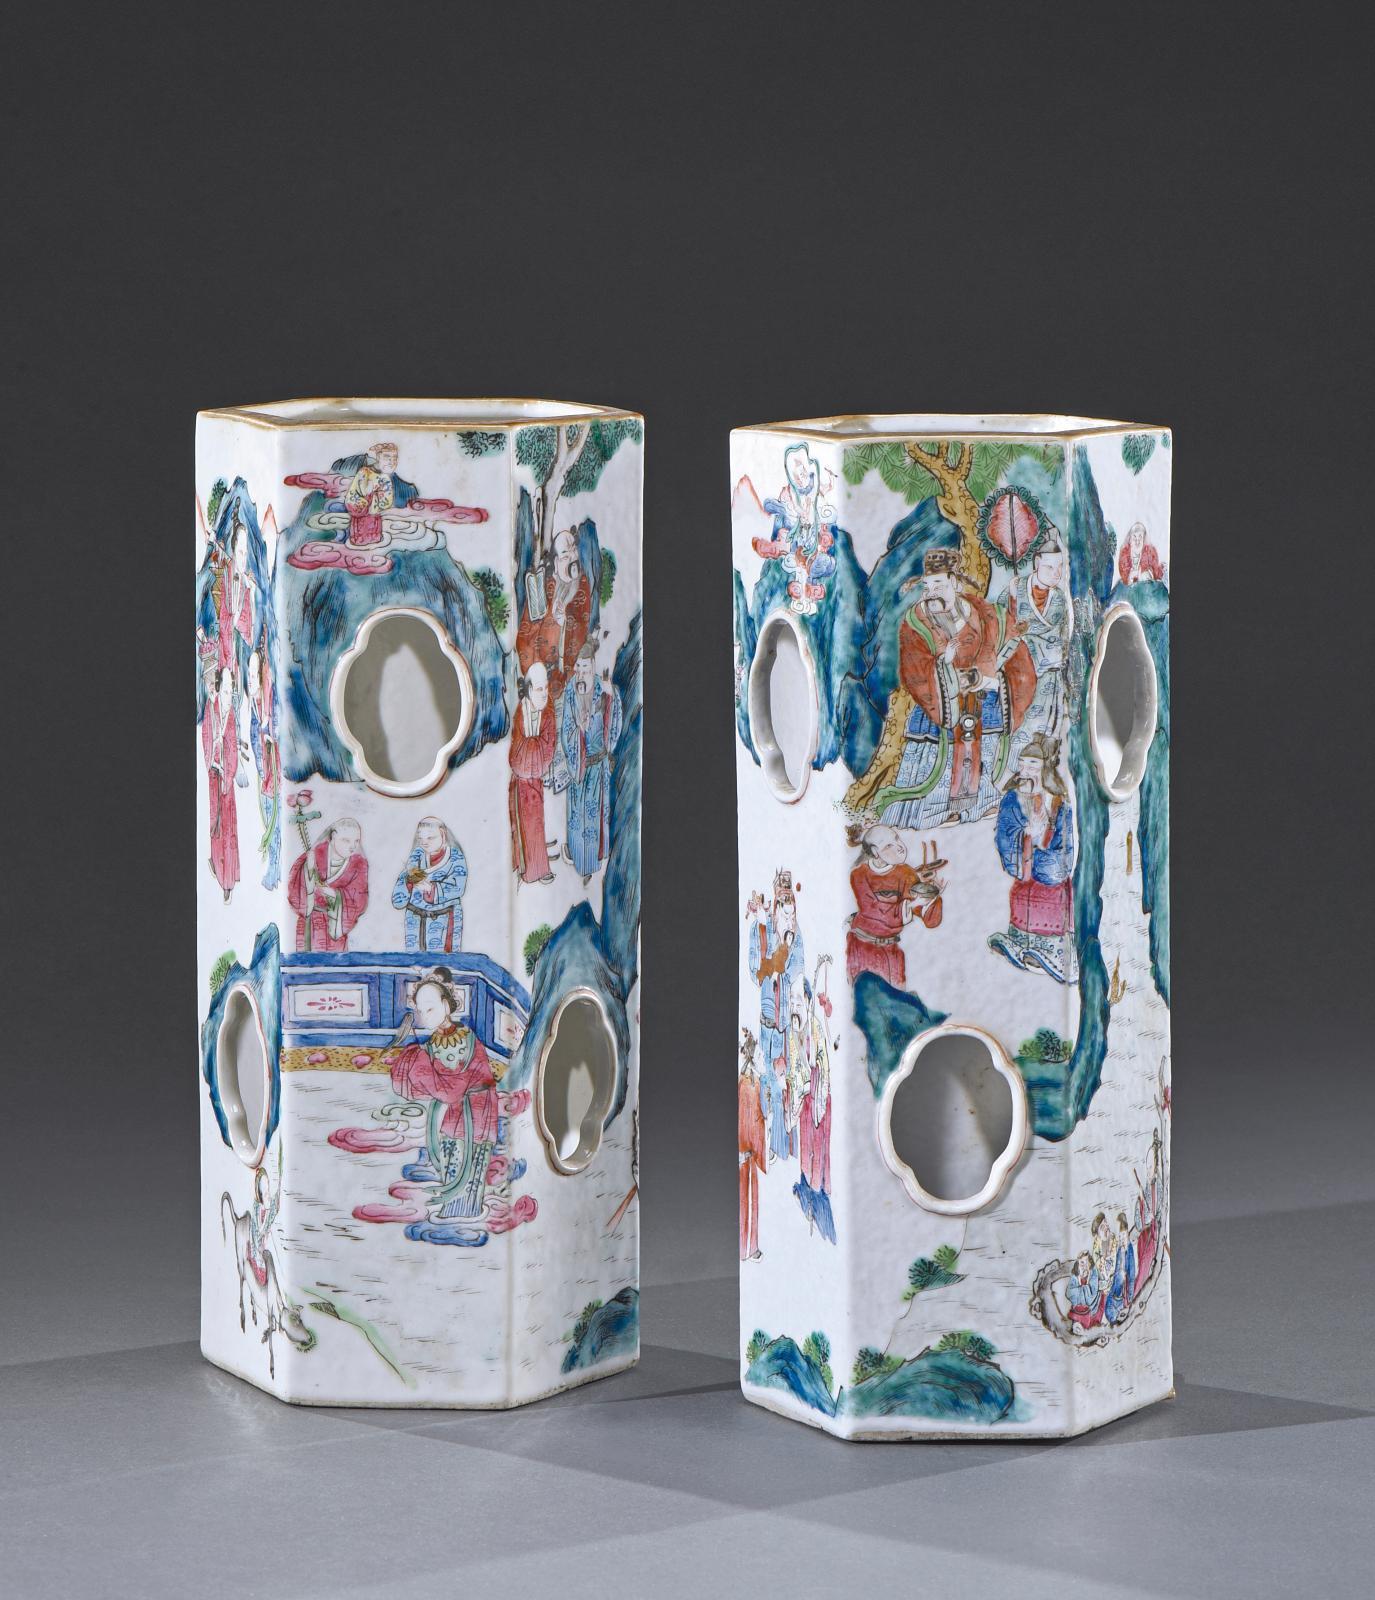 Chine XIXesiècle. Paire de vases hexagonaux en porcelaine, à décor polychrome de scènes de cour dans des jardins et paysages montagneux,